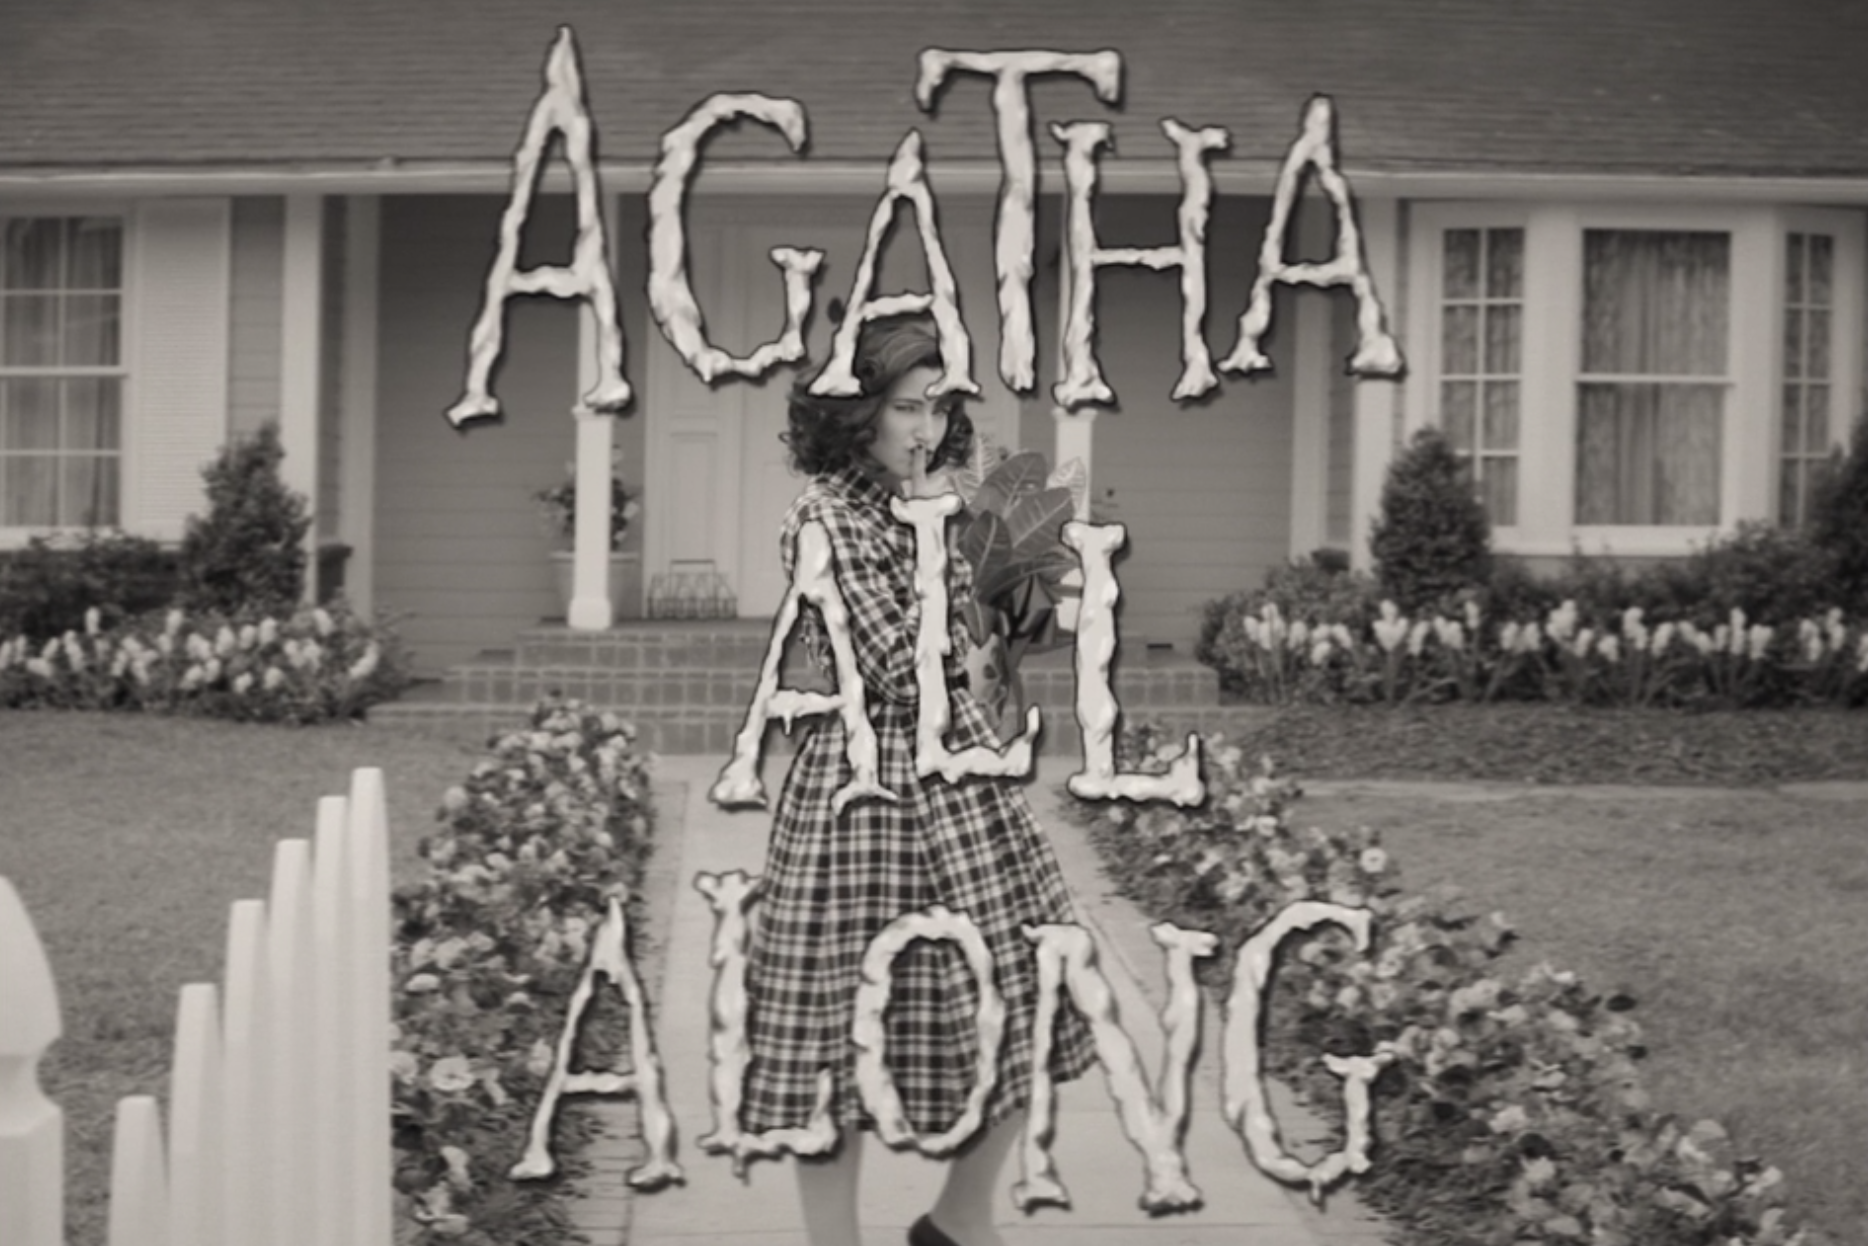 Kathryn Hahn as Agatha Harkness walking up to Wanda's door